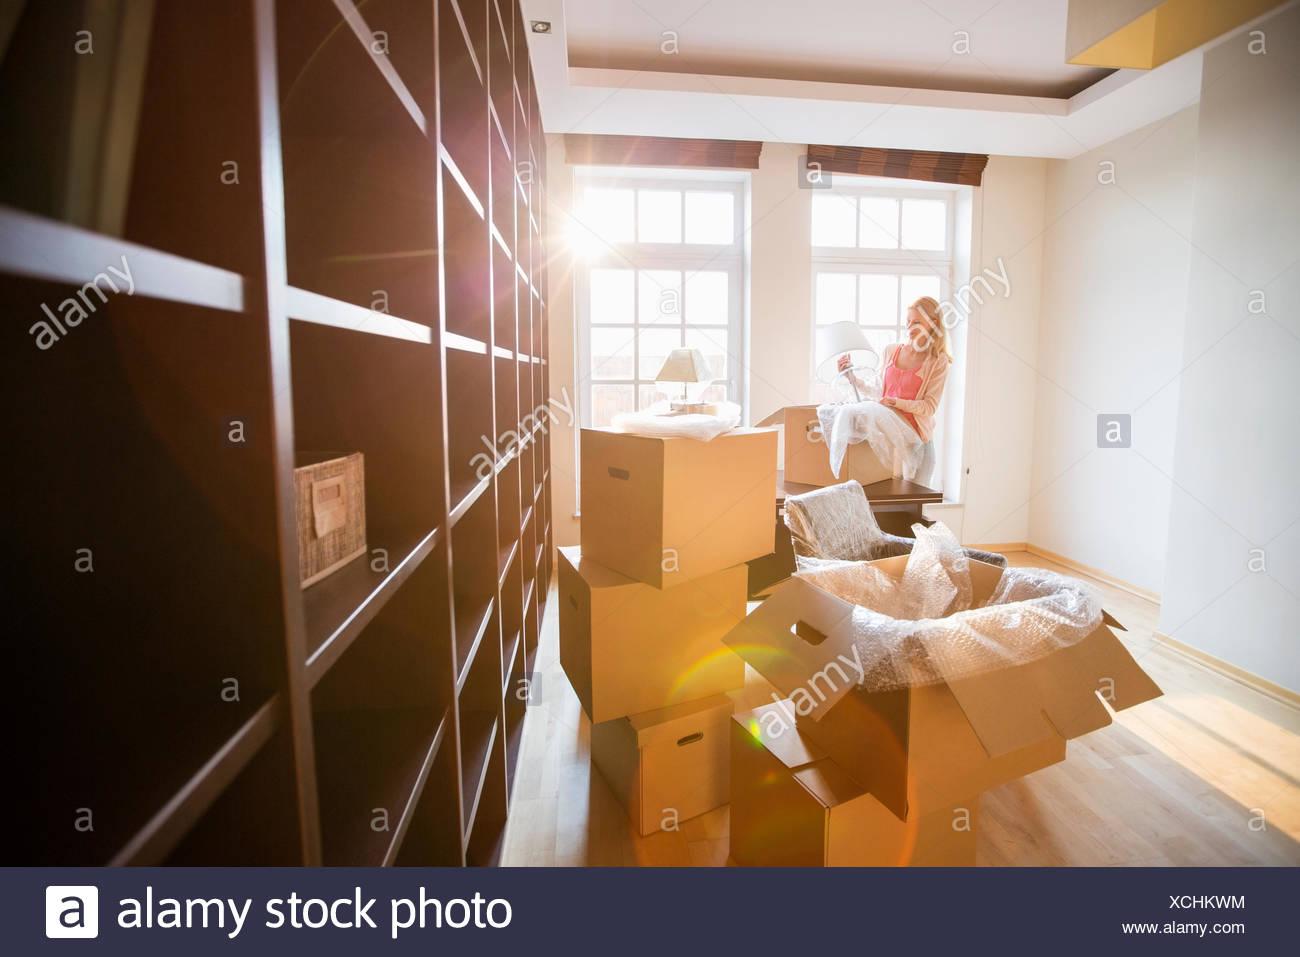 Woman unpacking lampe du déménagement fort à nouveau house Photo Stock